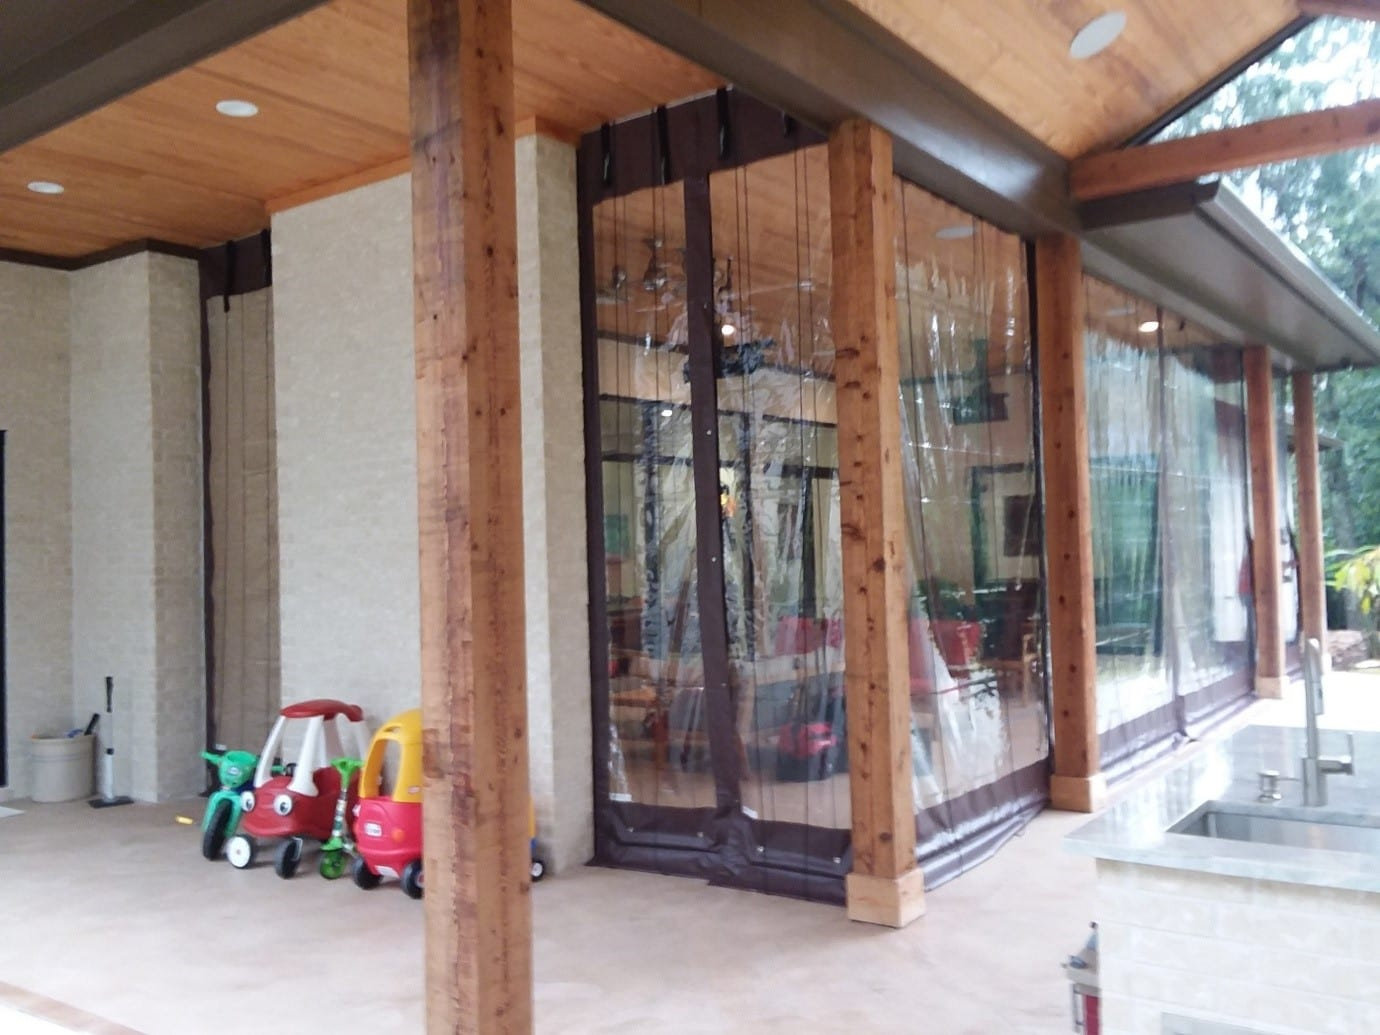 Williamsburg Restaurant Clear Plastic Outdoor Enclosure